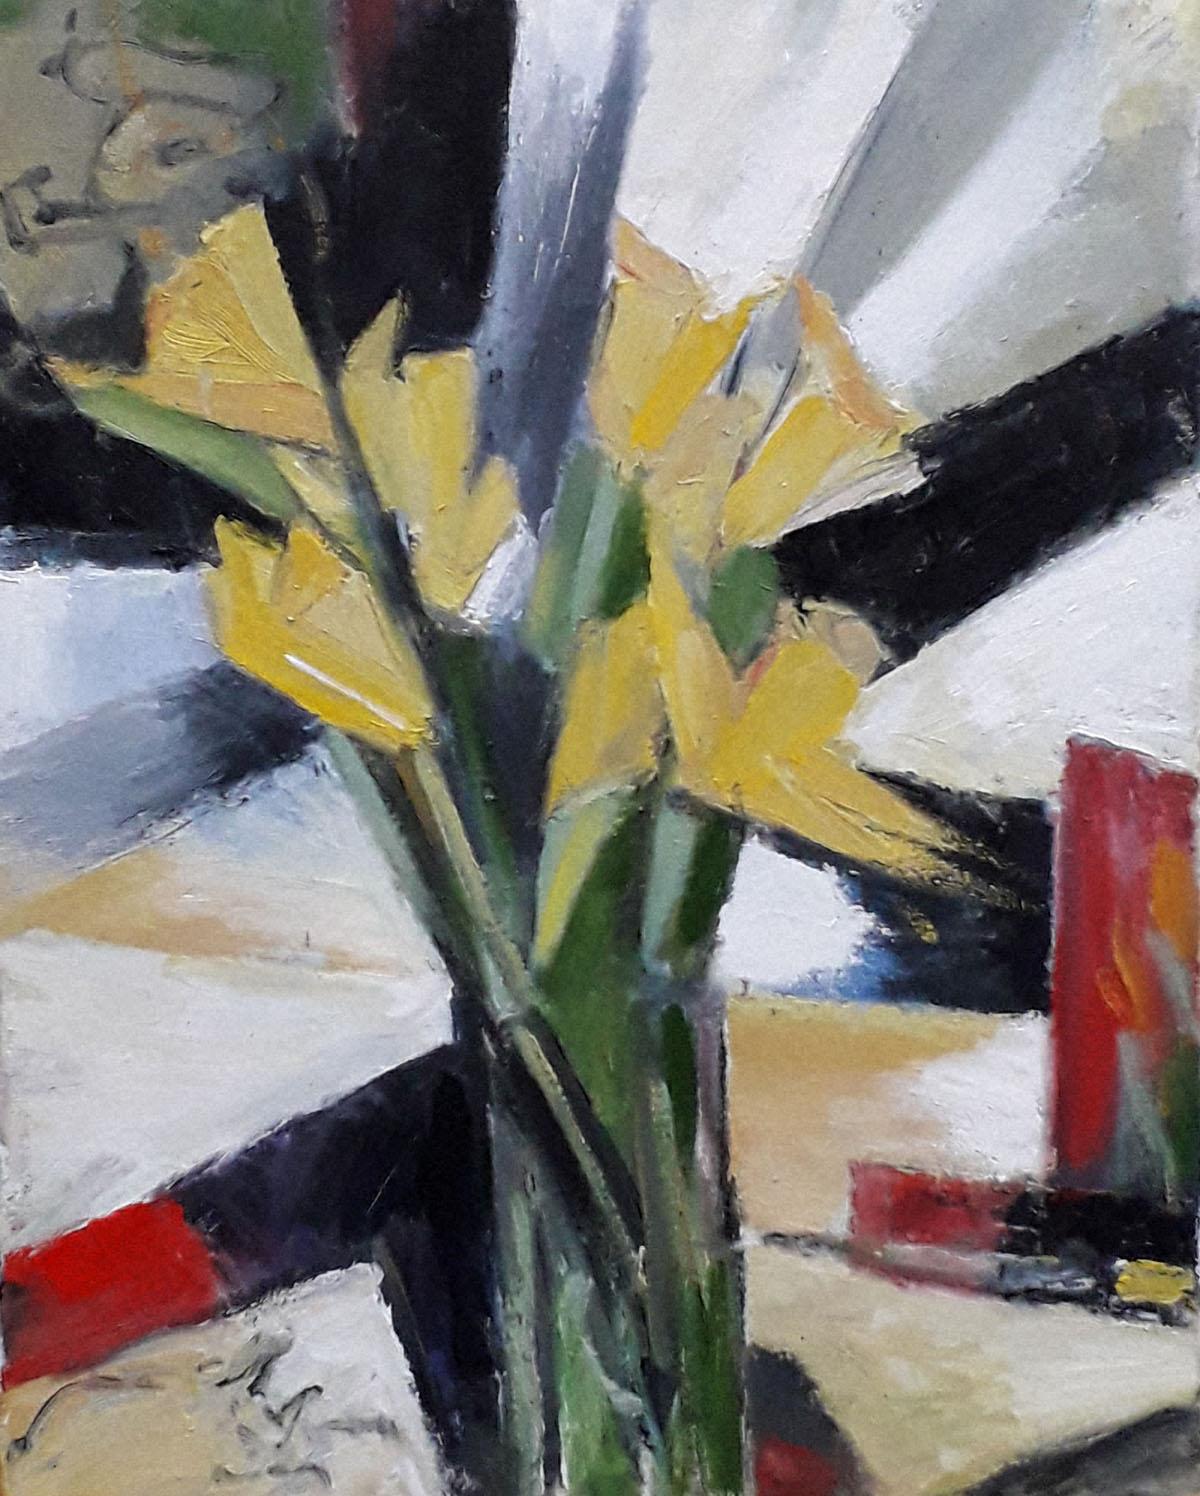 Arien Winkel - kubisme revisited - gele tulpen appel en kat_s